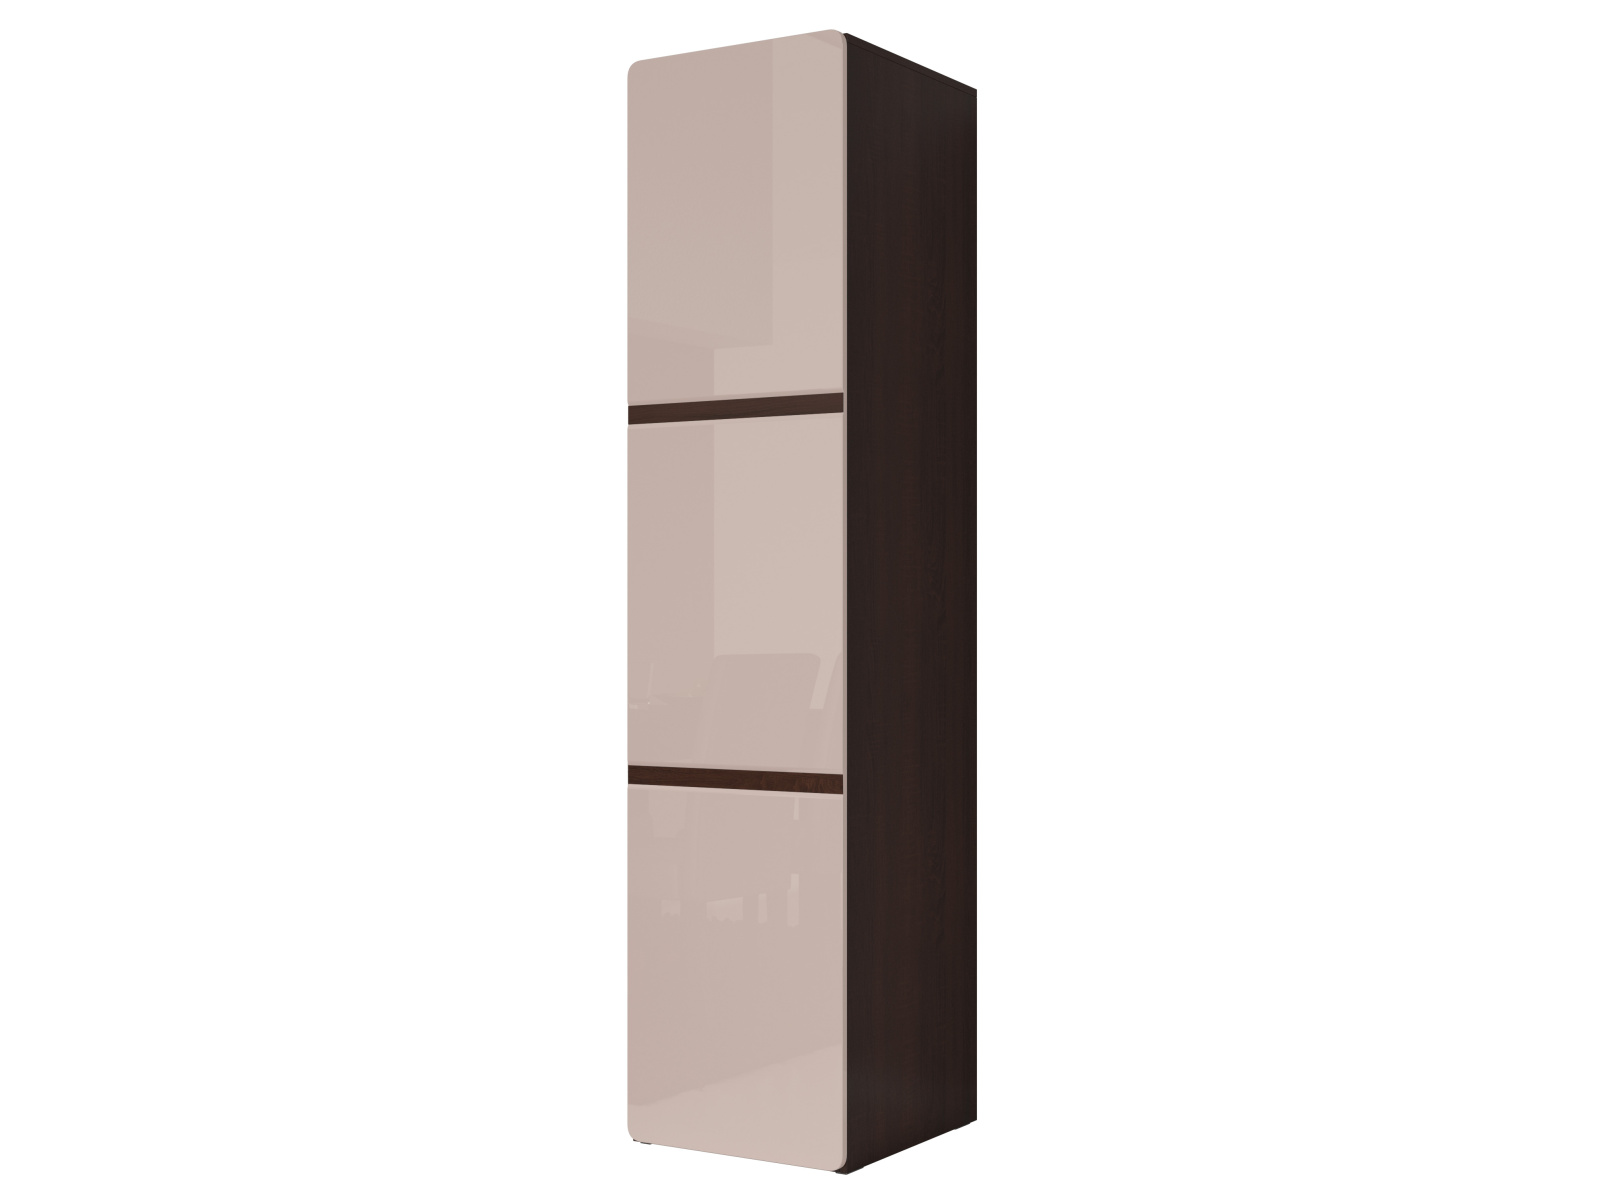 Smartshop SELENE šatní skříň TYP 17, dub sonoma tmavý/pískově šedý lesk